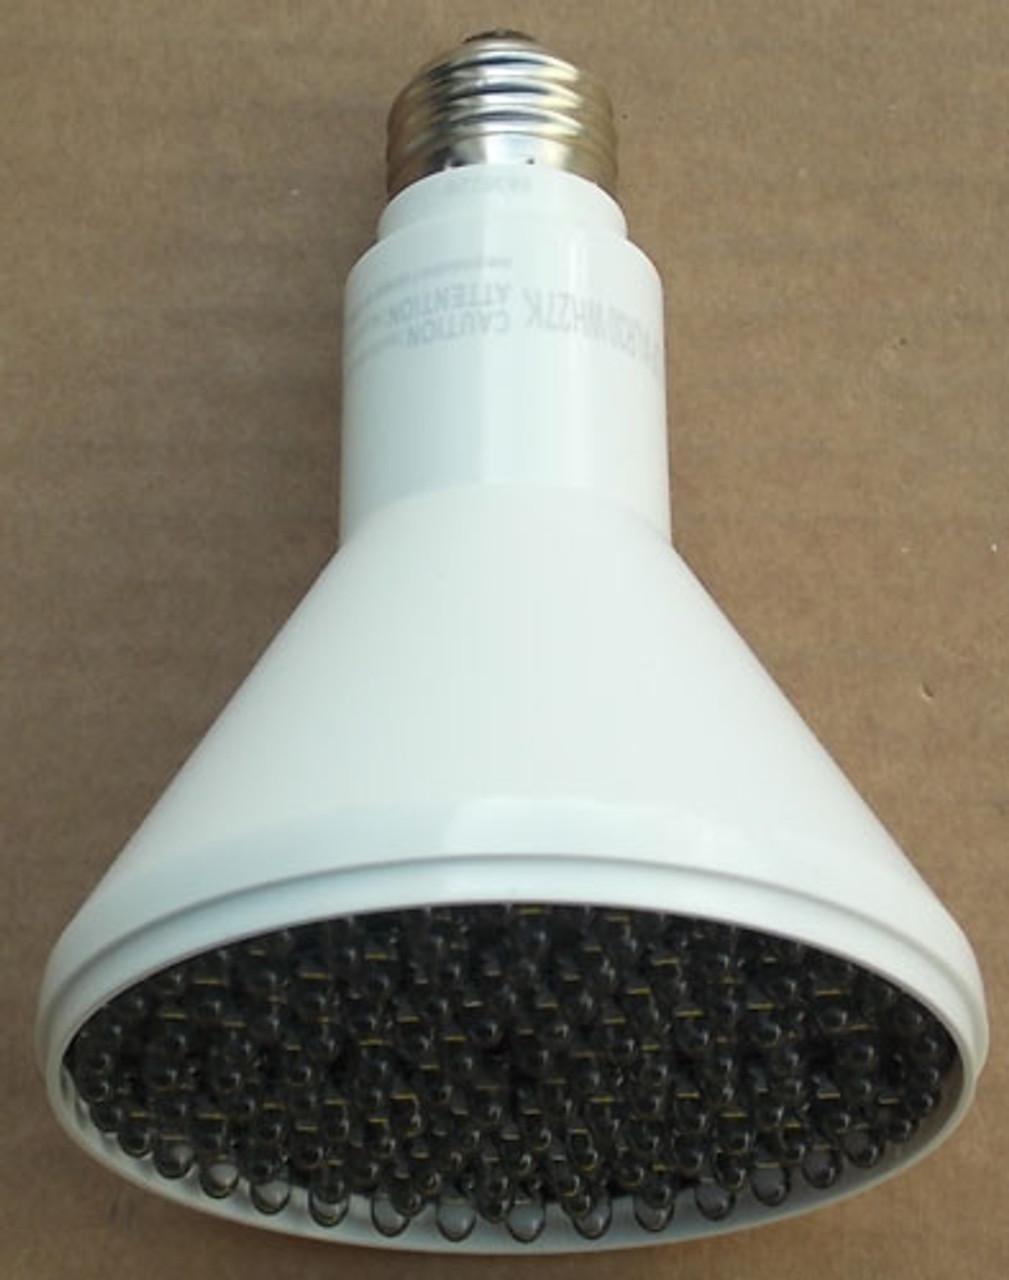 TCP LR30WH27K 6 Watt 120 Volt LED Self Ballasted Lamp White - New